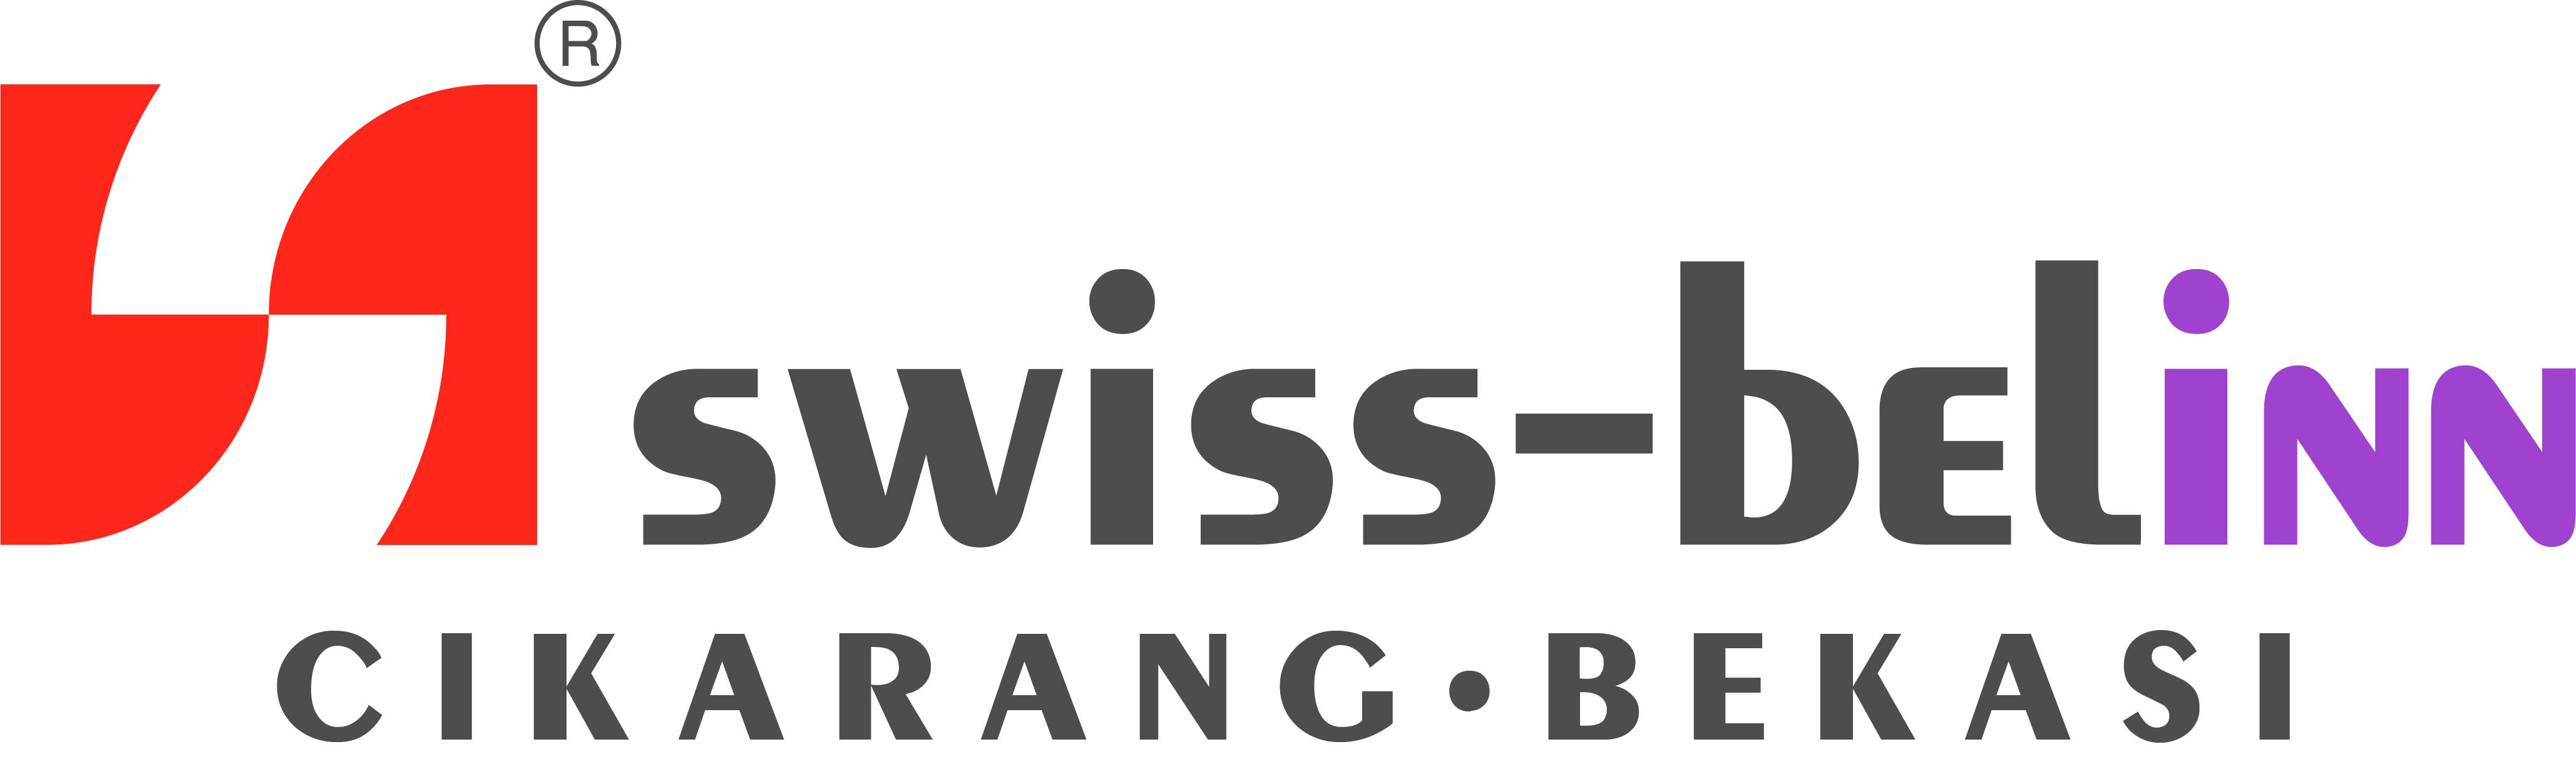 Swiss-Belinn Cikarang